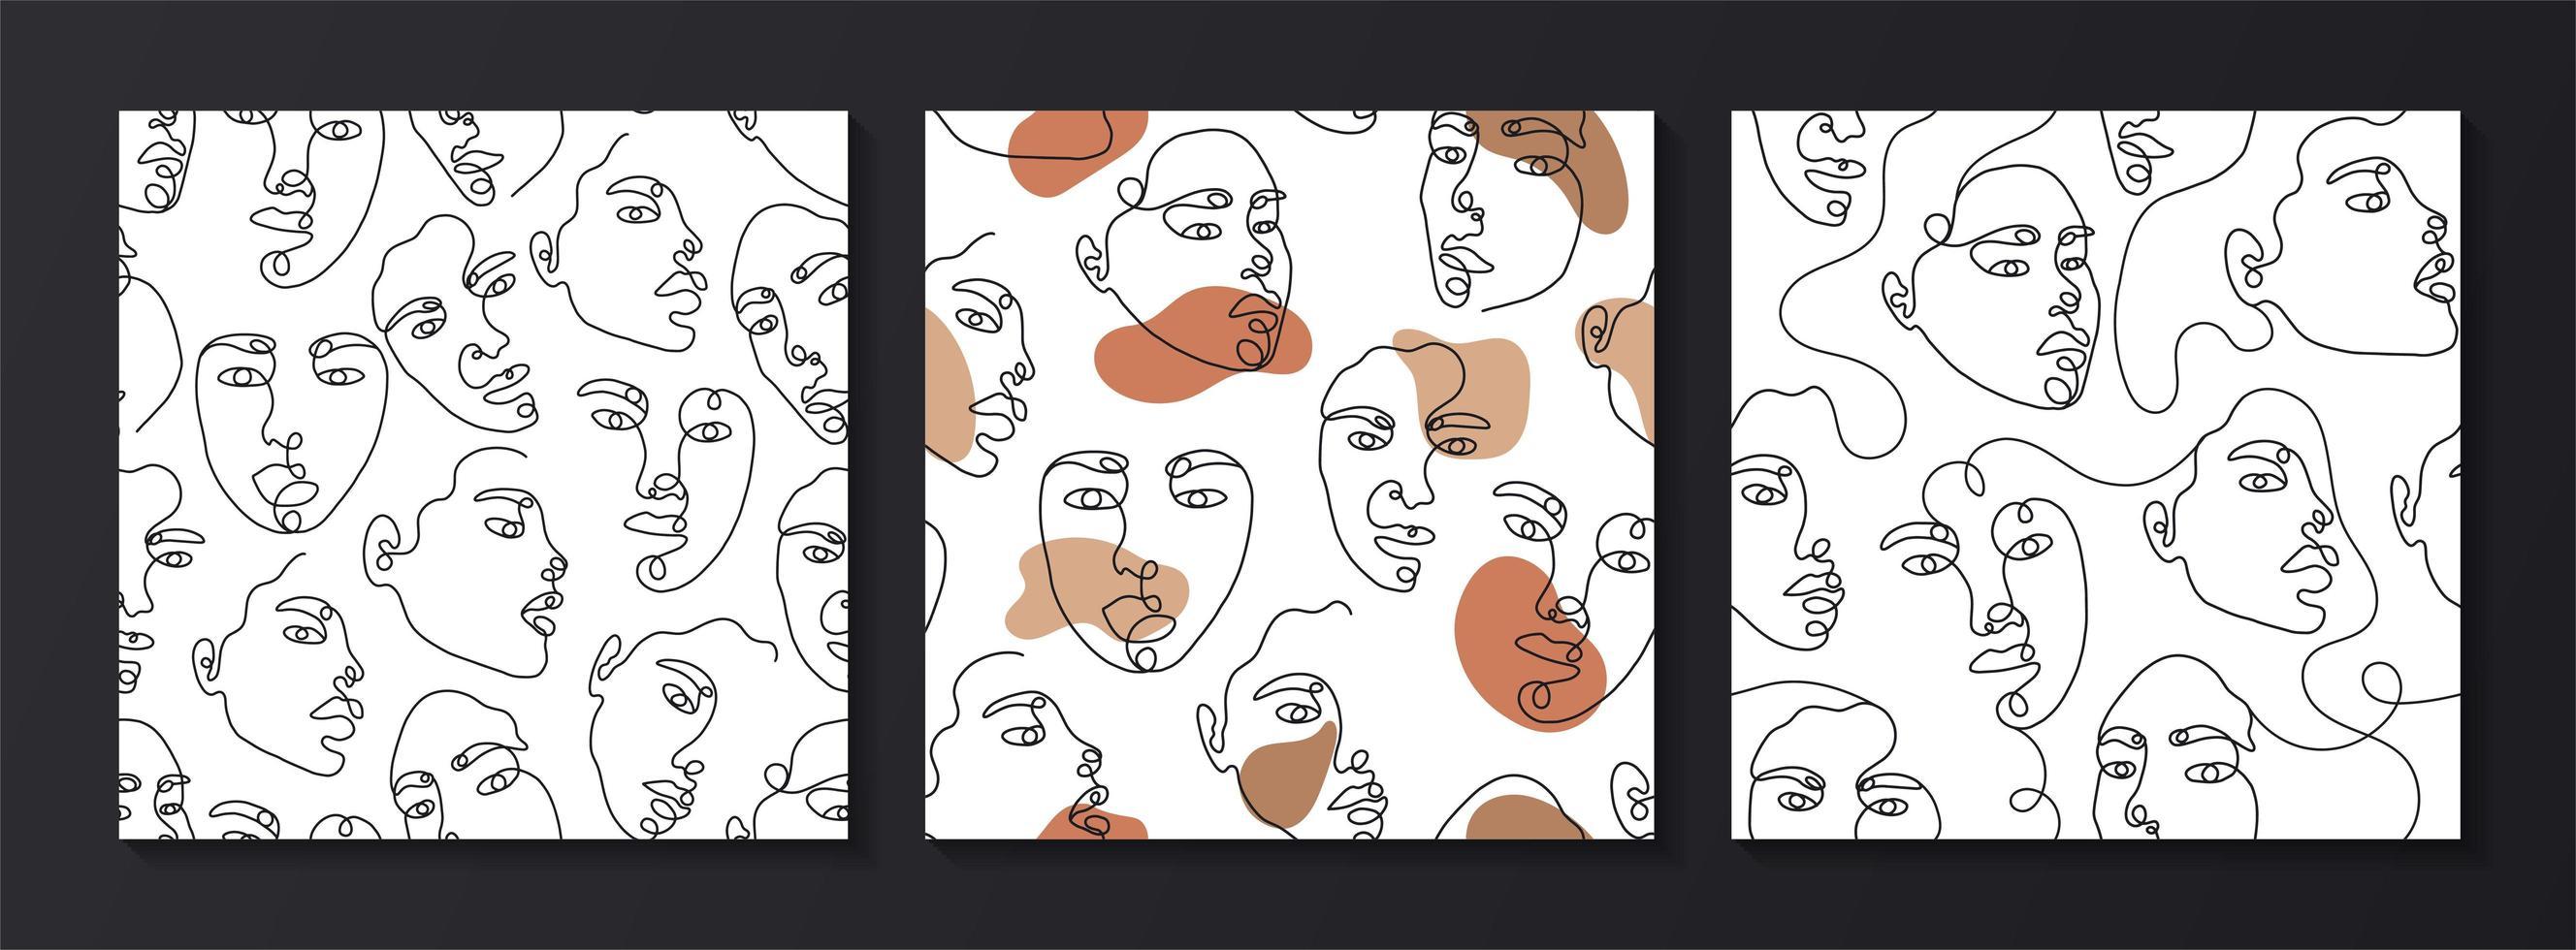 en linje ritning abstrakt ansikte sömlösa mönster vektor